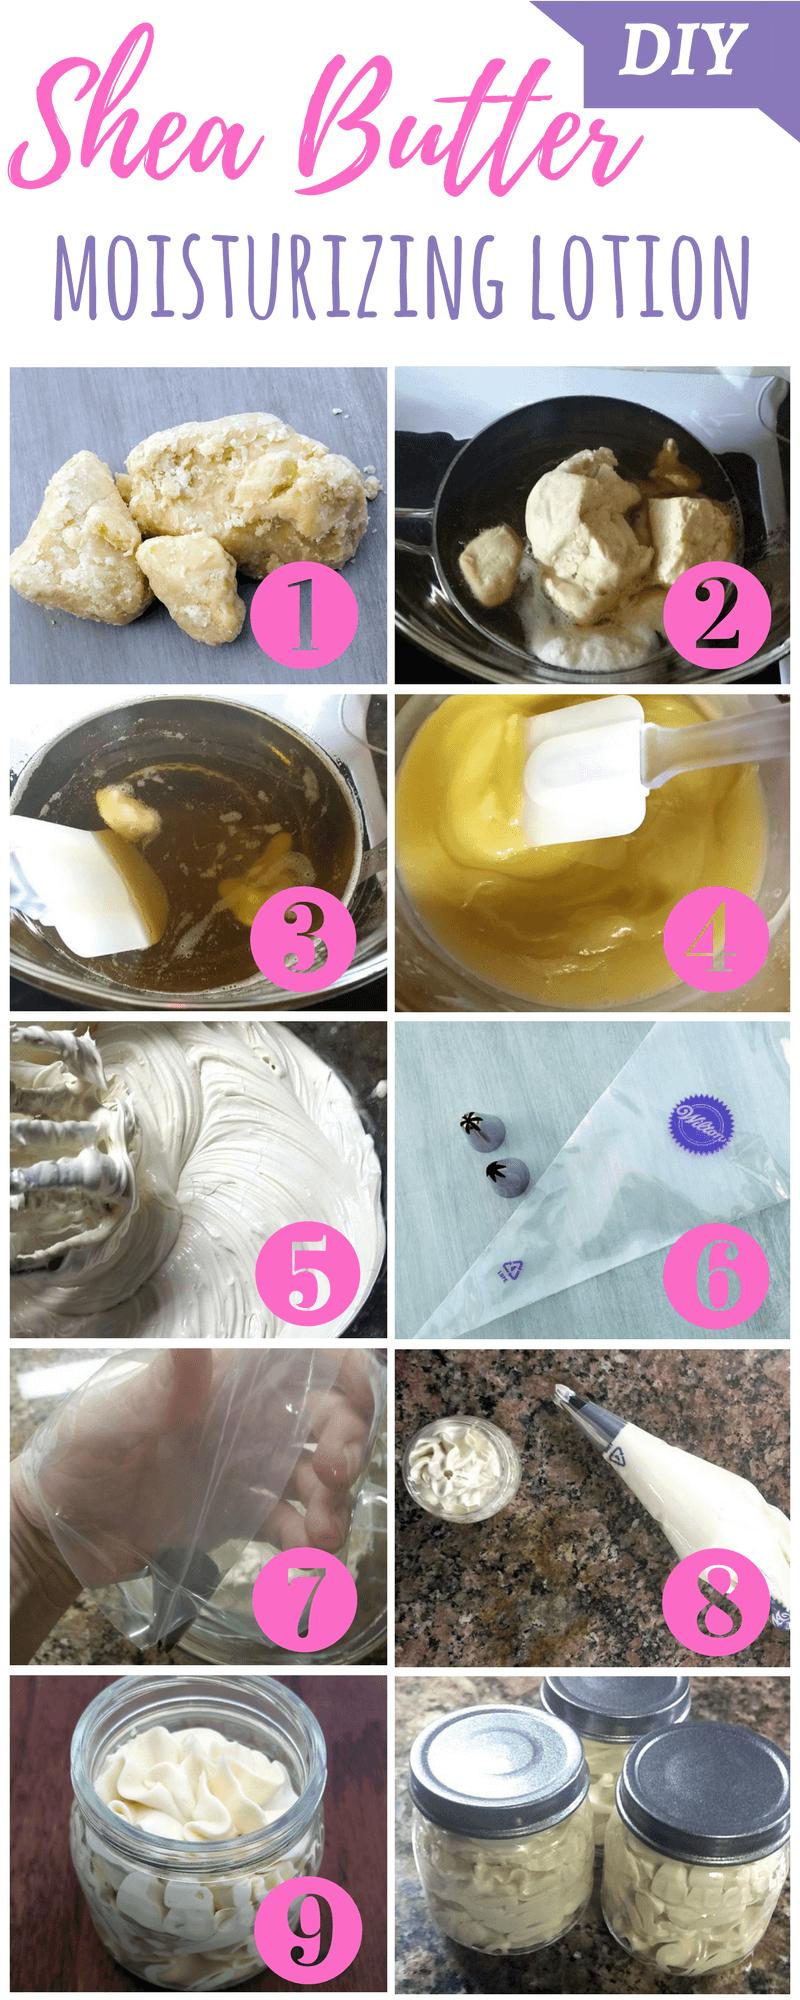 Easy DIY Shea Butter Lotion Recipe